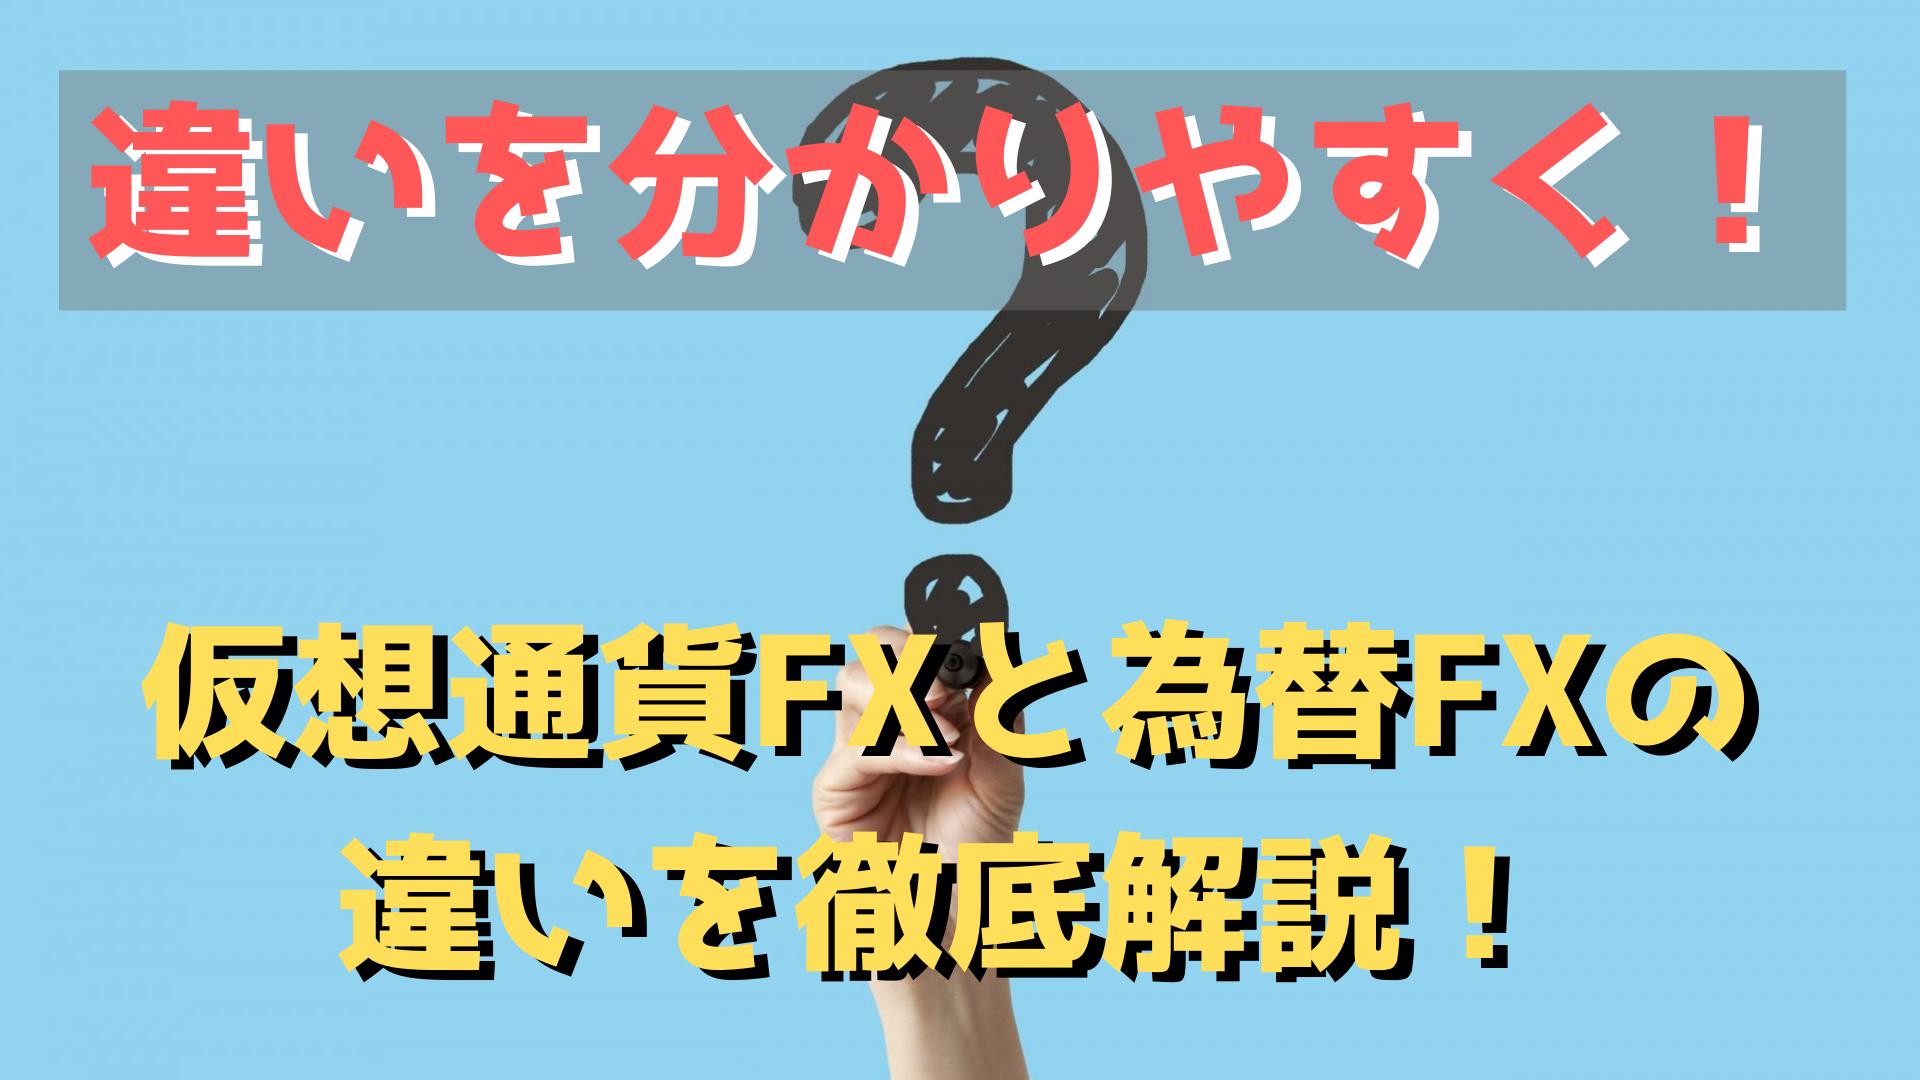 為替FXと仮想通貨FXの違いを徹底解説